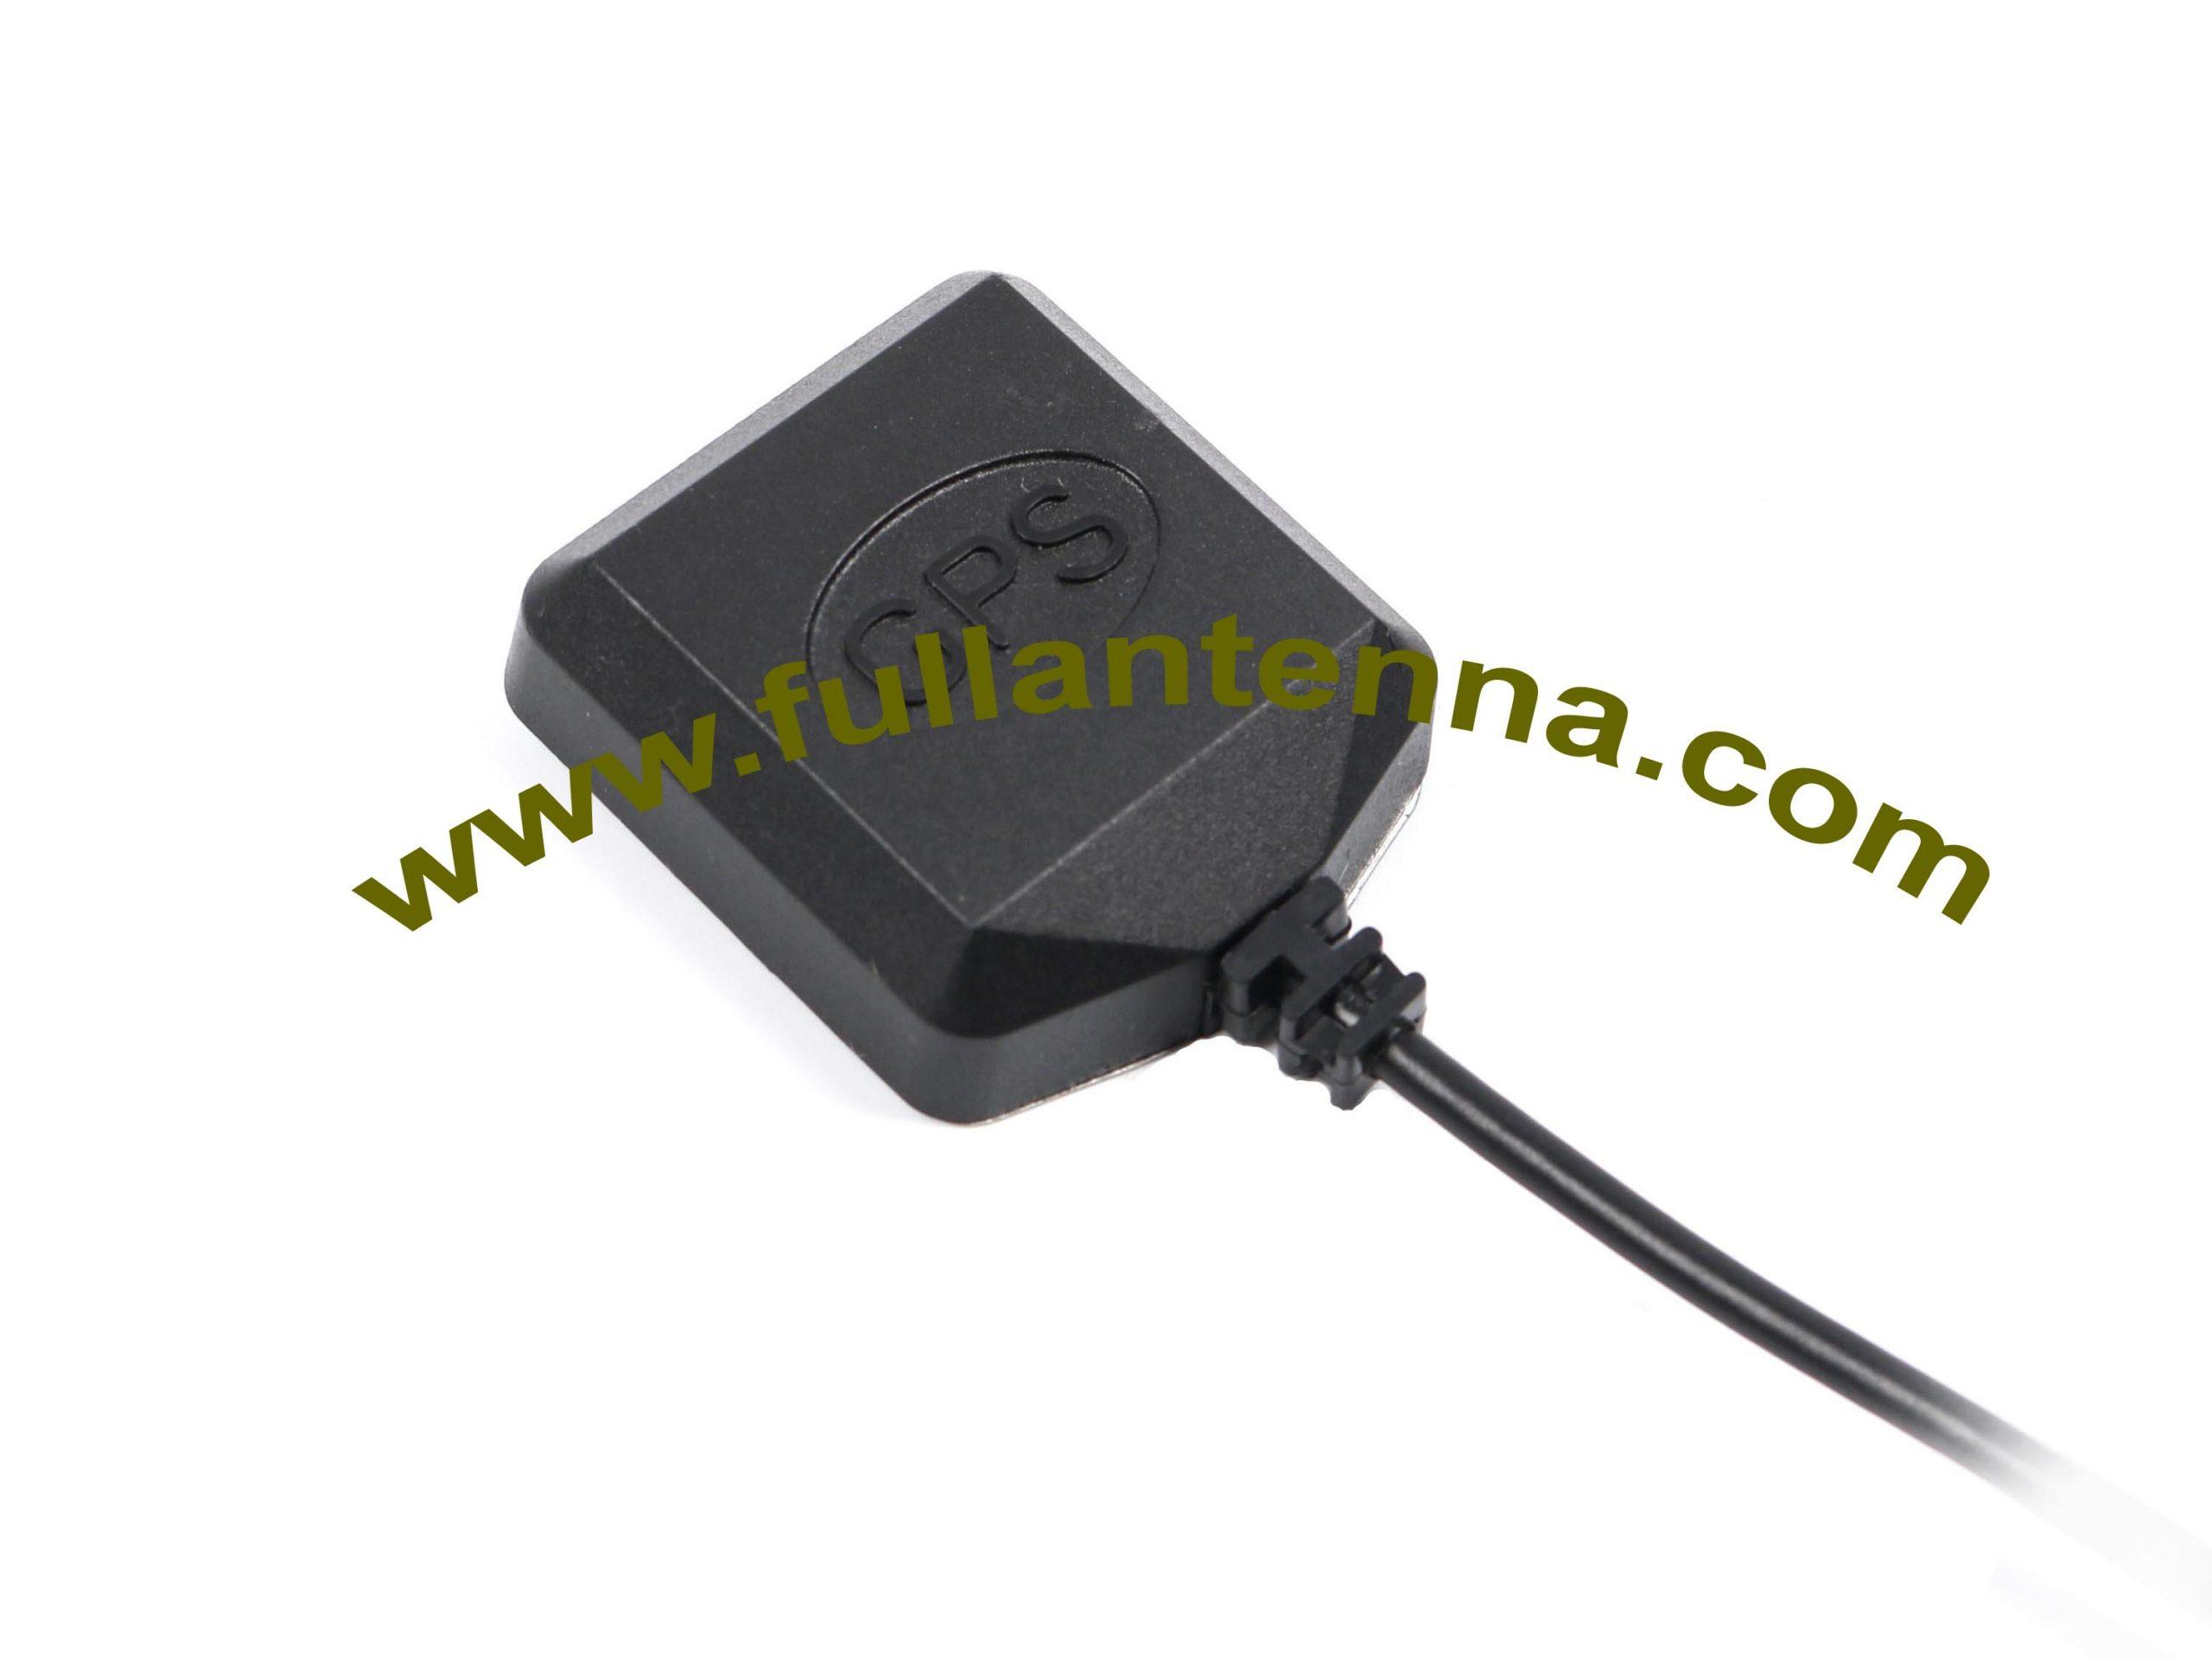 P/N:FAGPSGLONASS.07,Glonass External Antenna,mini Gnss Aerial magnet mount SMB connector